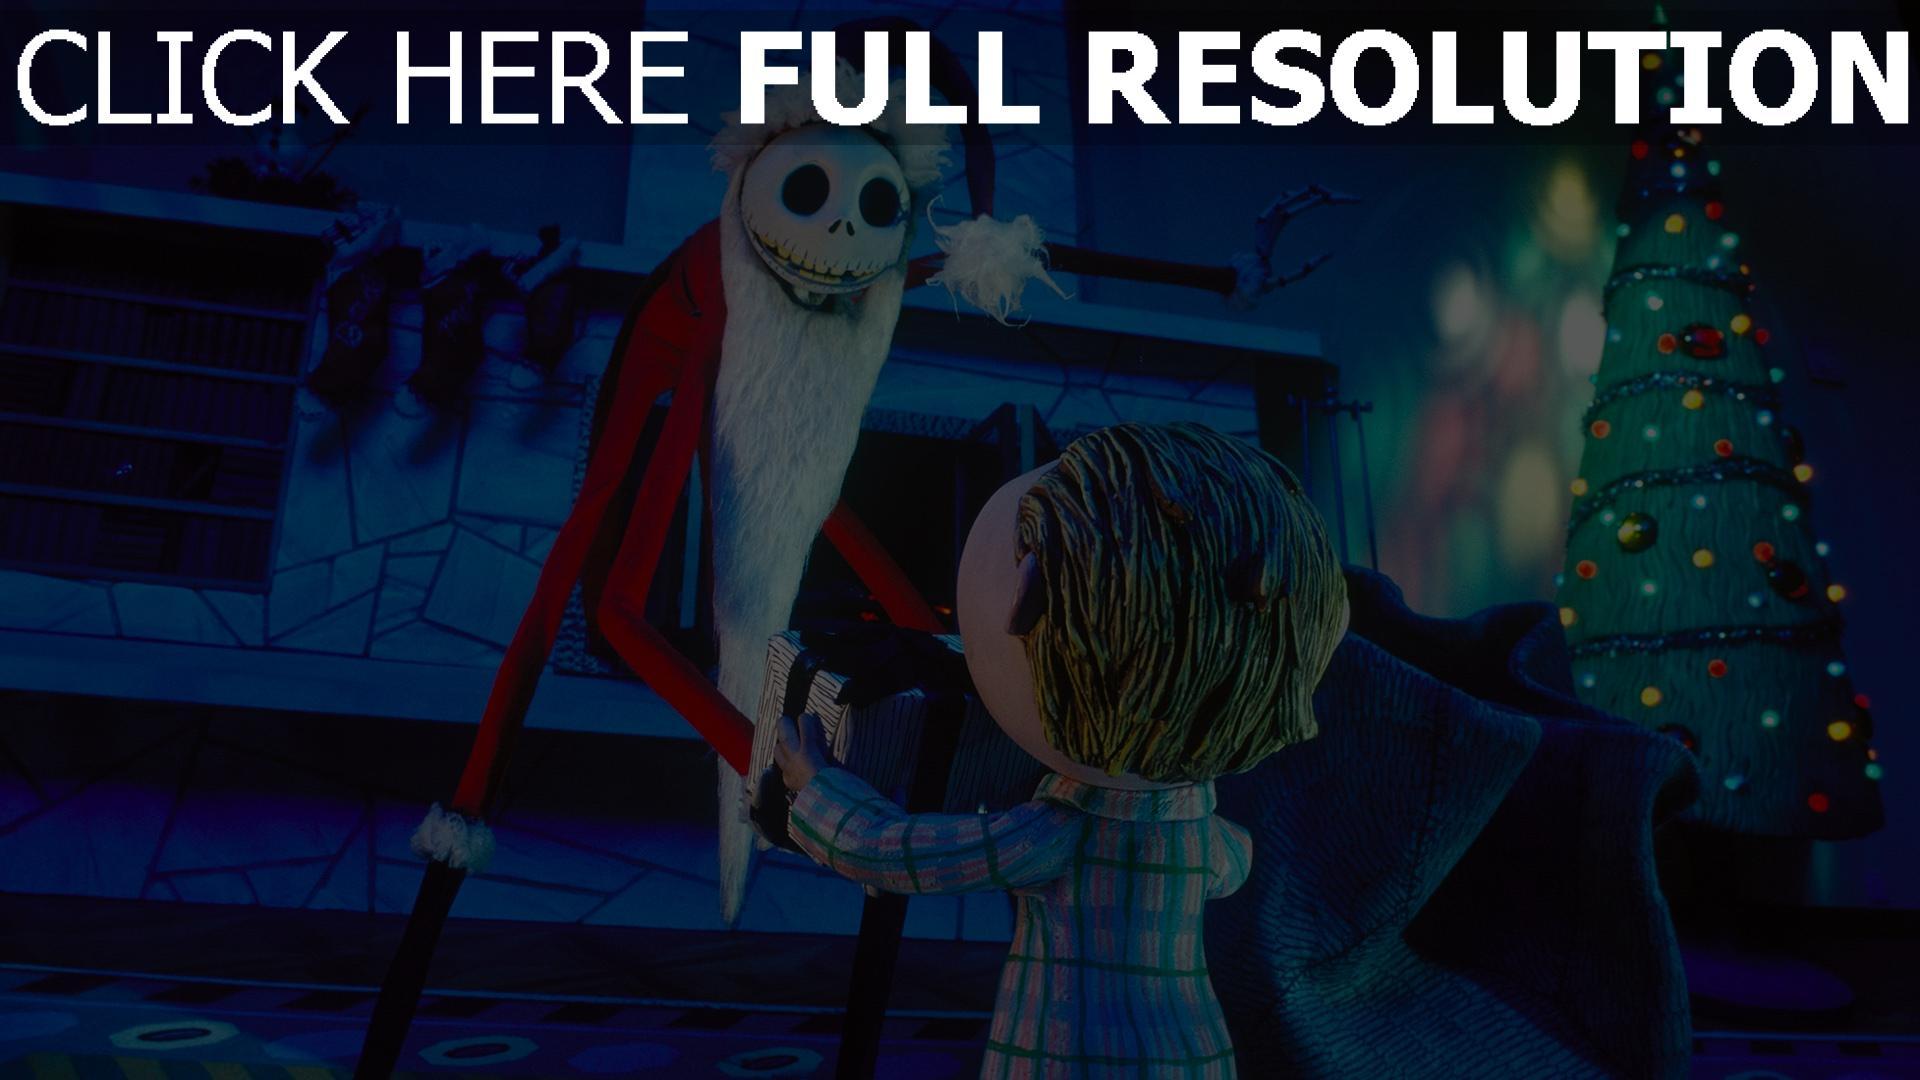 hd hintergrundbilder weihnachten geschenk jack skellington nightmare before christmas weihnachtsmann 1920x1080